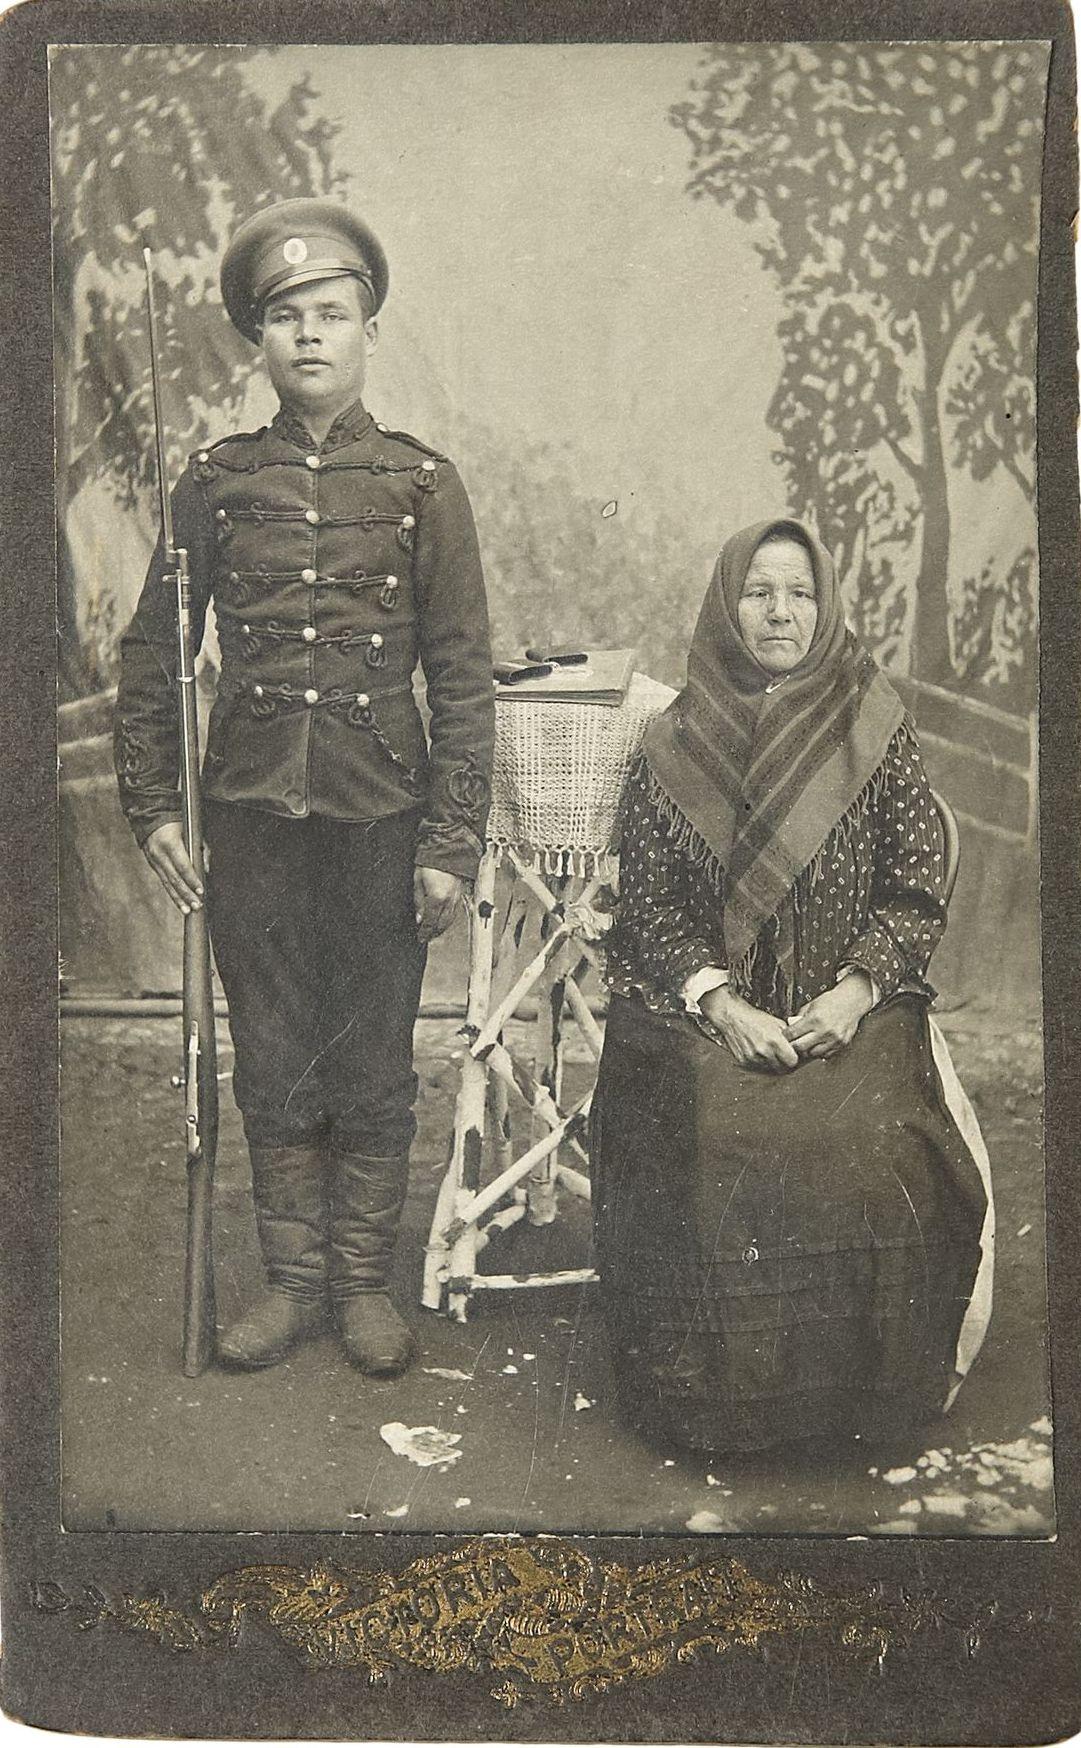 Фото рядового Лейб-Гвардии Гродненского полка с матерью.  1910-е